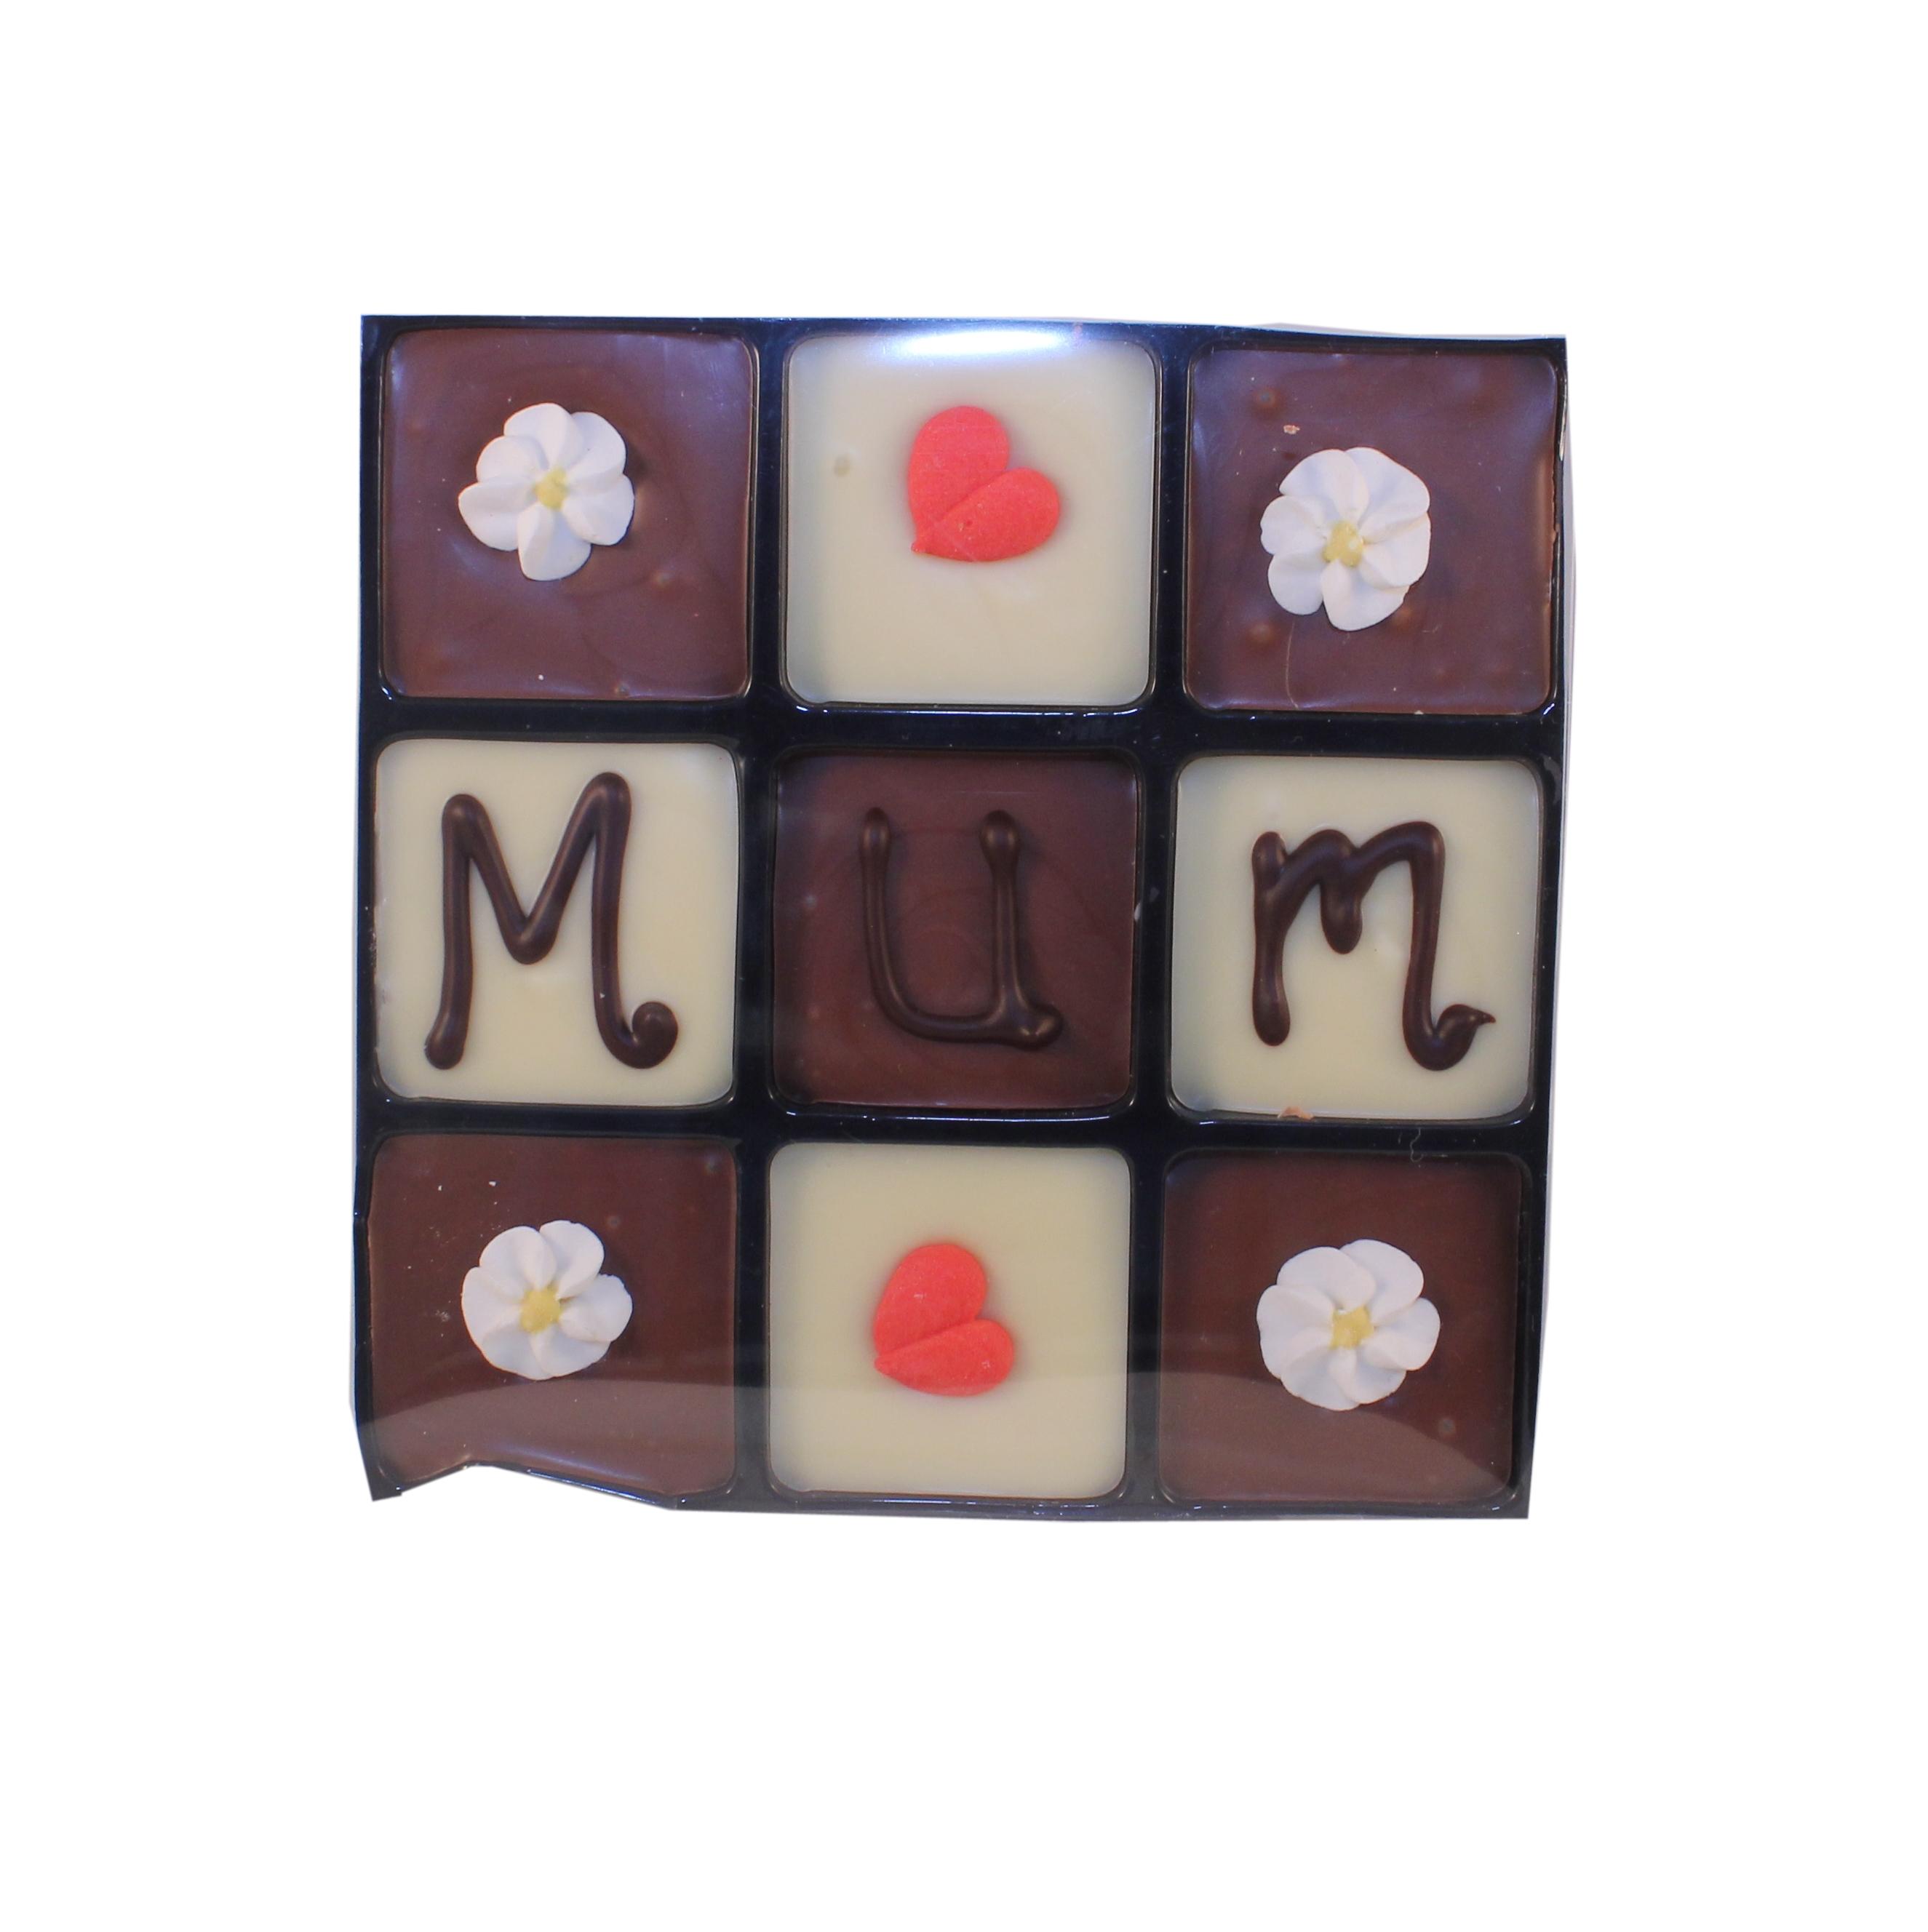 9 chocoaltes mum